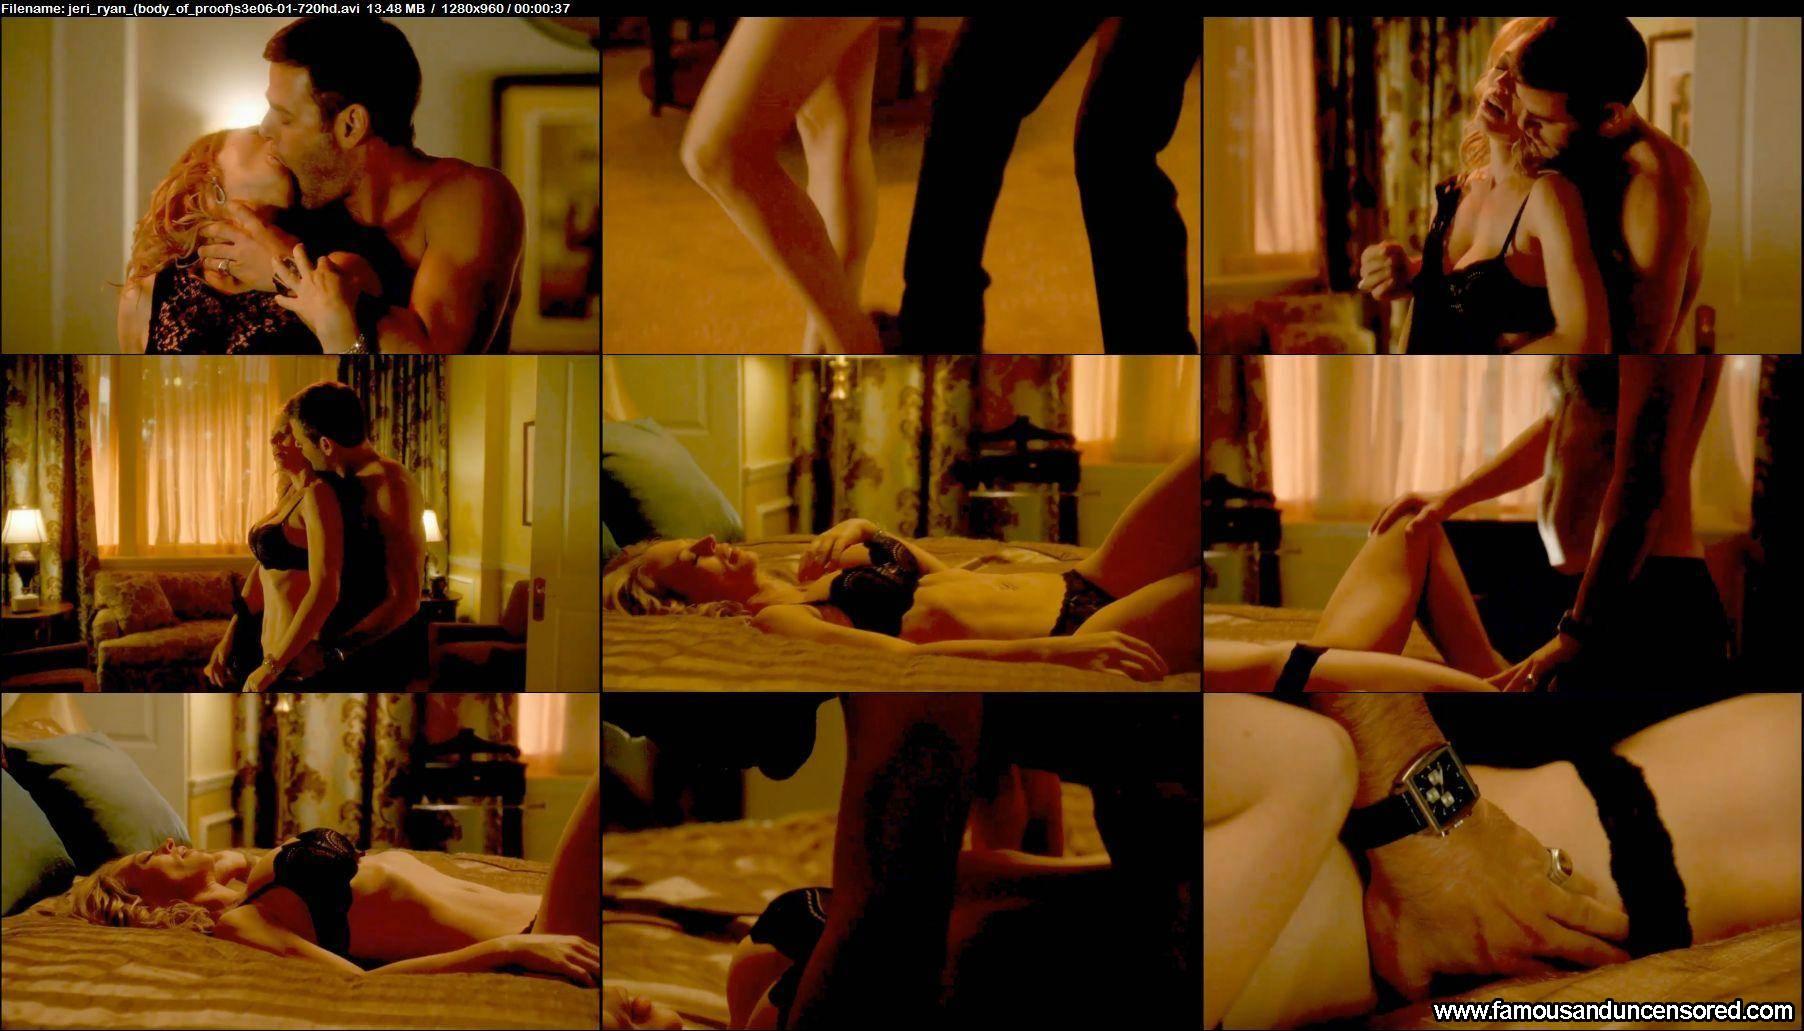 Jeri Ryan Sex Scene